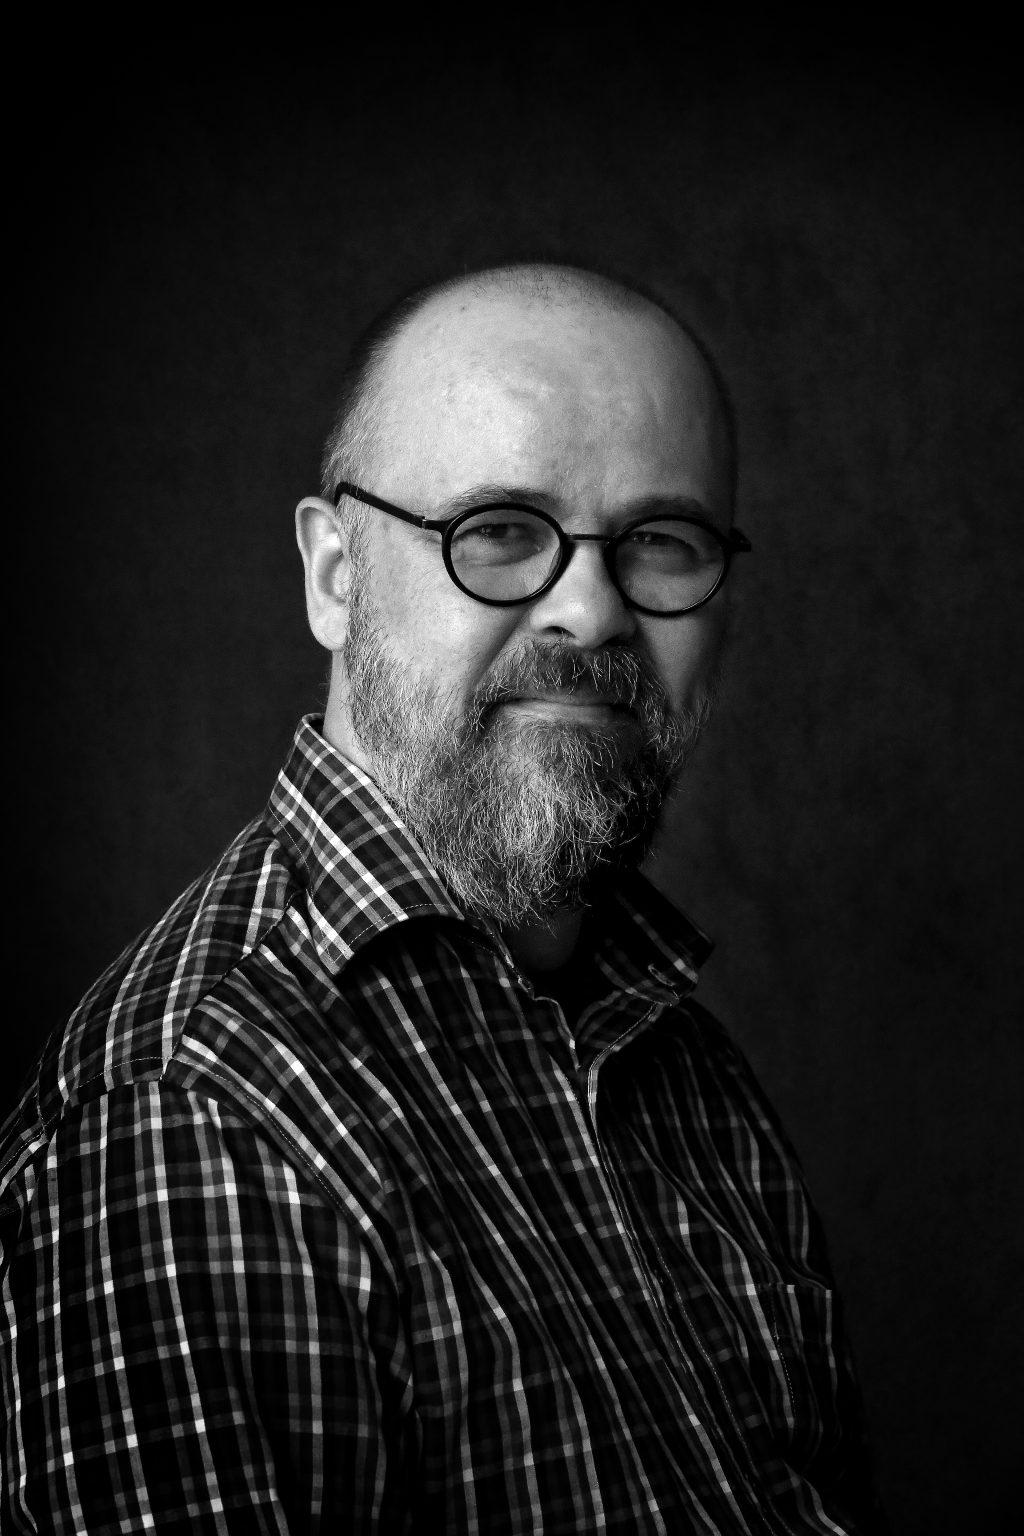 näyttelijä Perttu Hallikainen